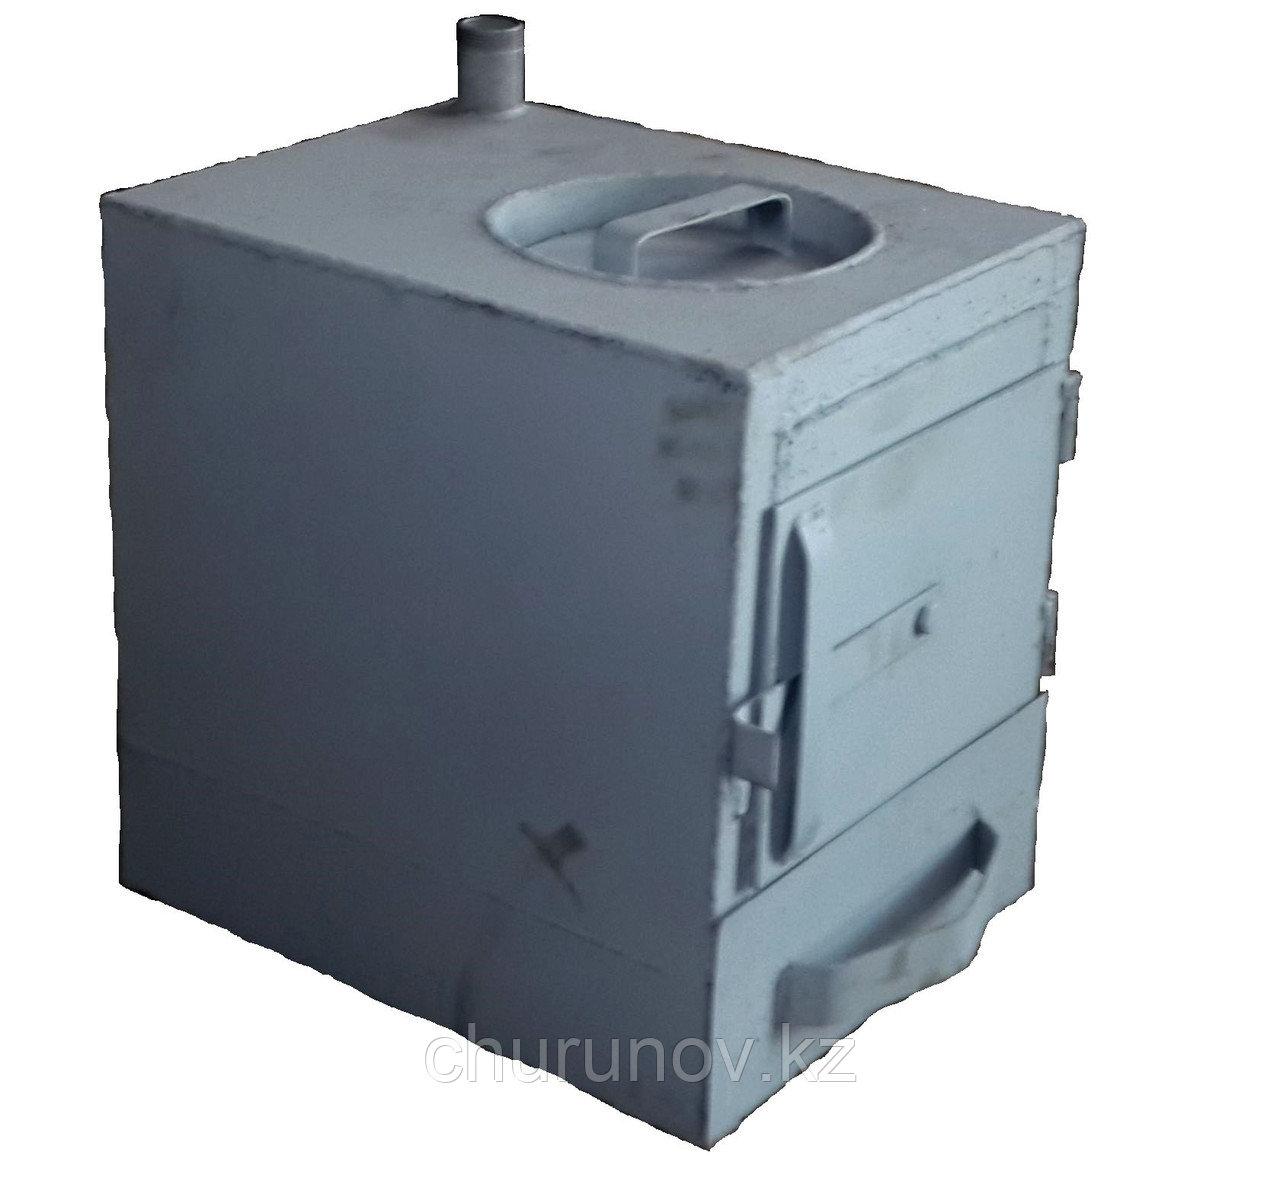 Угольный Котел отопления до 80 кв.м.